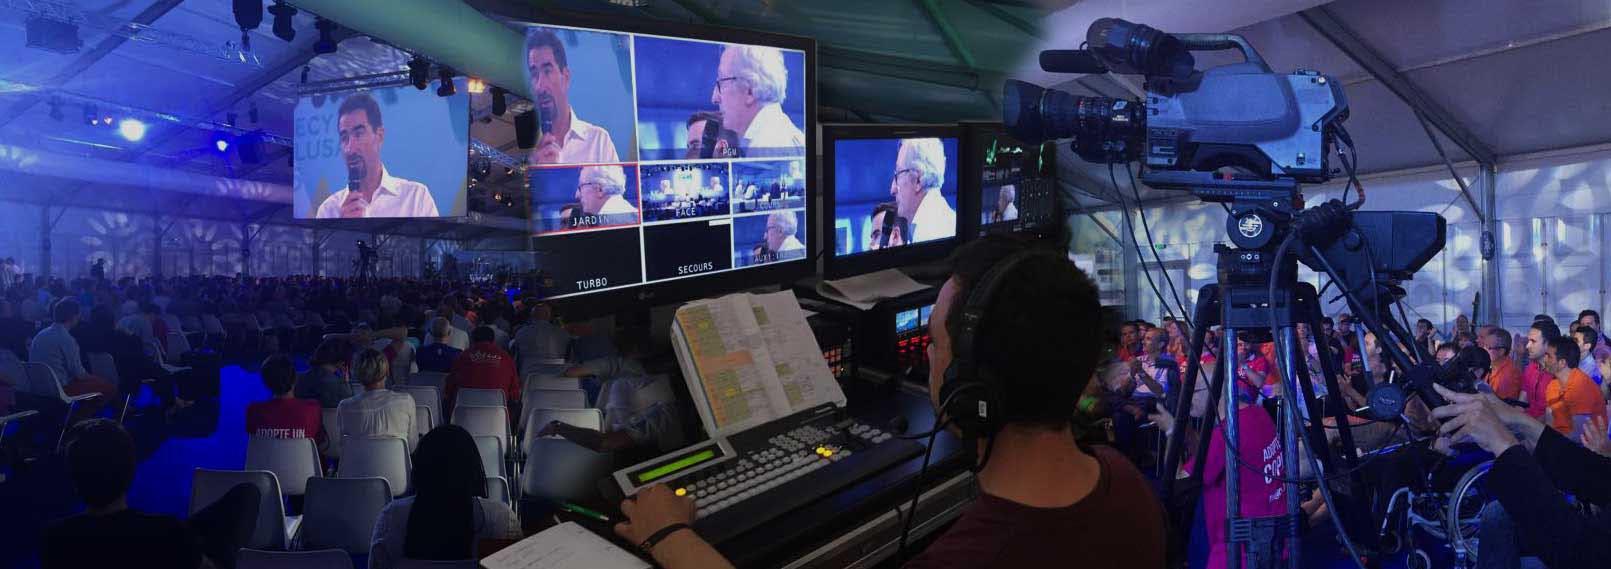 régie vidéo convention JCD annecy A-propos-de-yocot-video